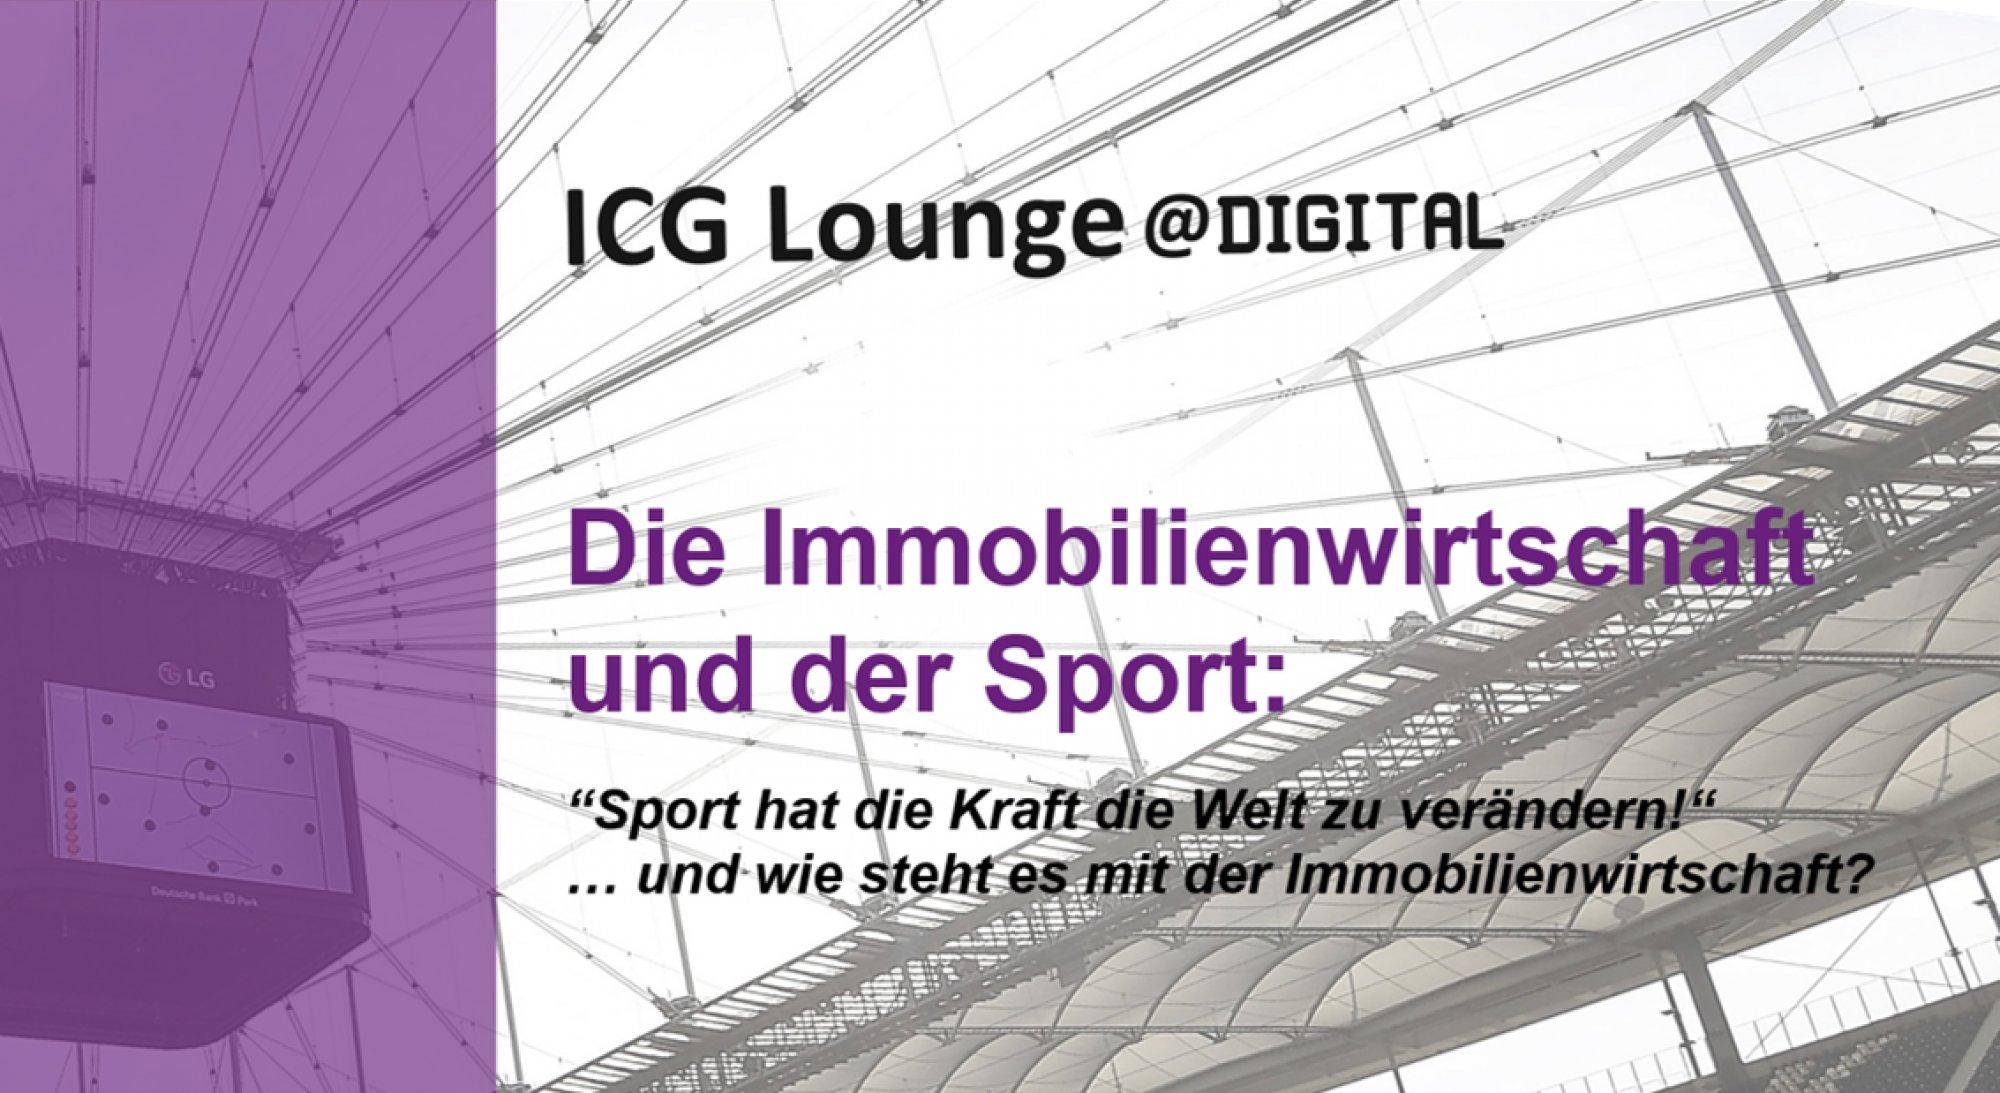 icg-lounge-digital-die-immobilienwirtschaft-und-der-sport